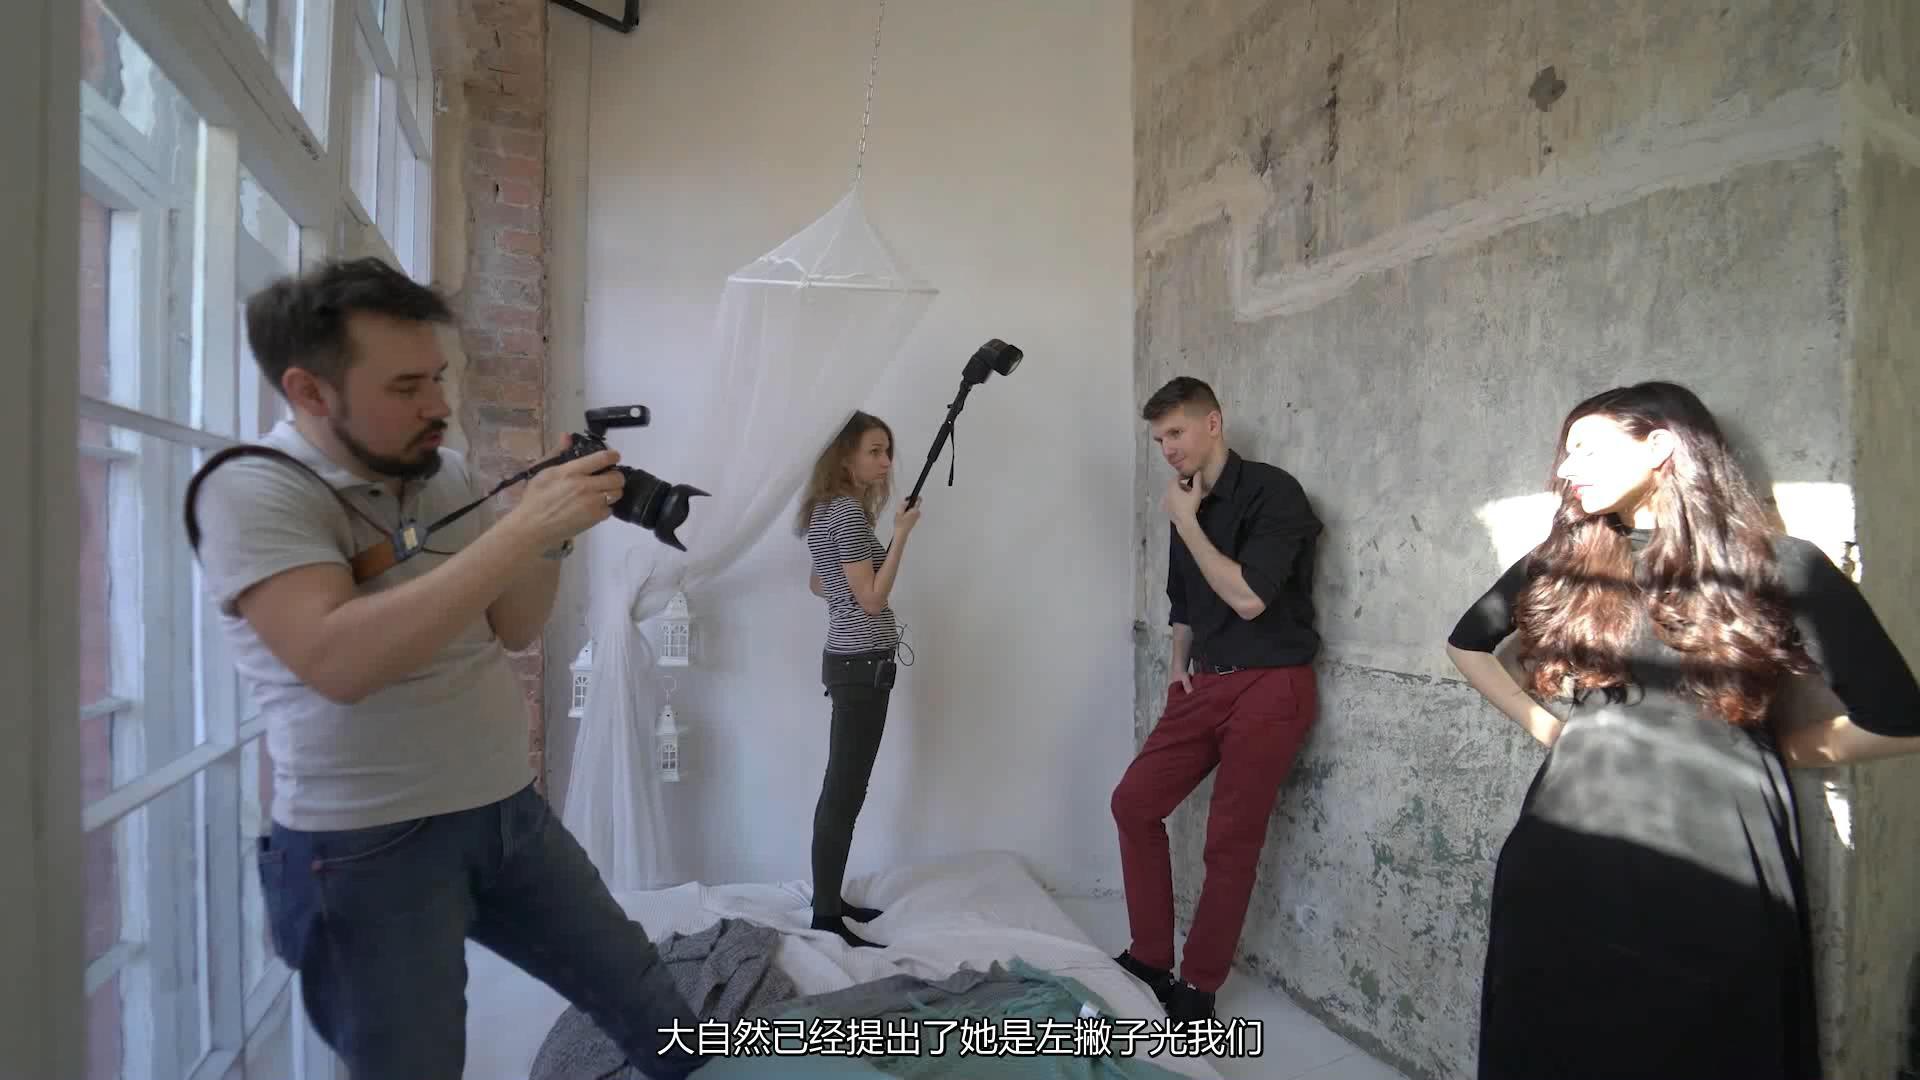 摄影教程_Alexey Gaidin实践30多种人造光闪光灯摄影布光教程-中文字幕 摄影教程 _预览图8